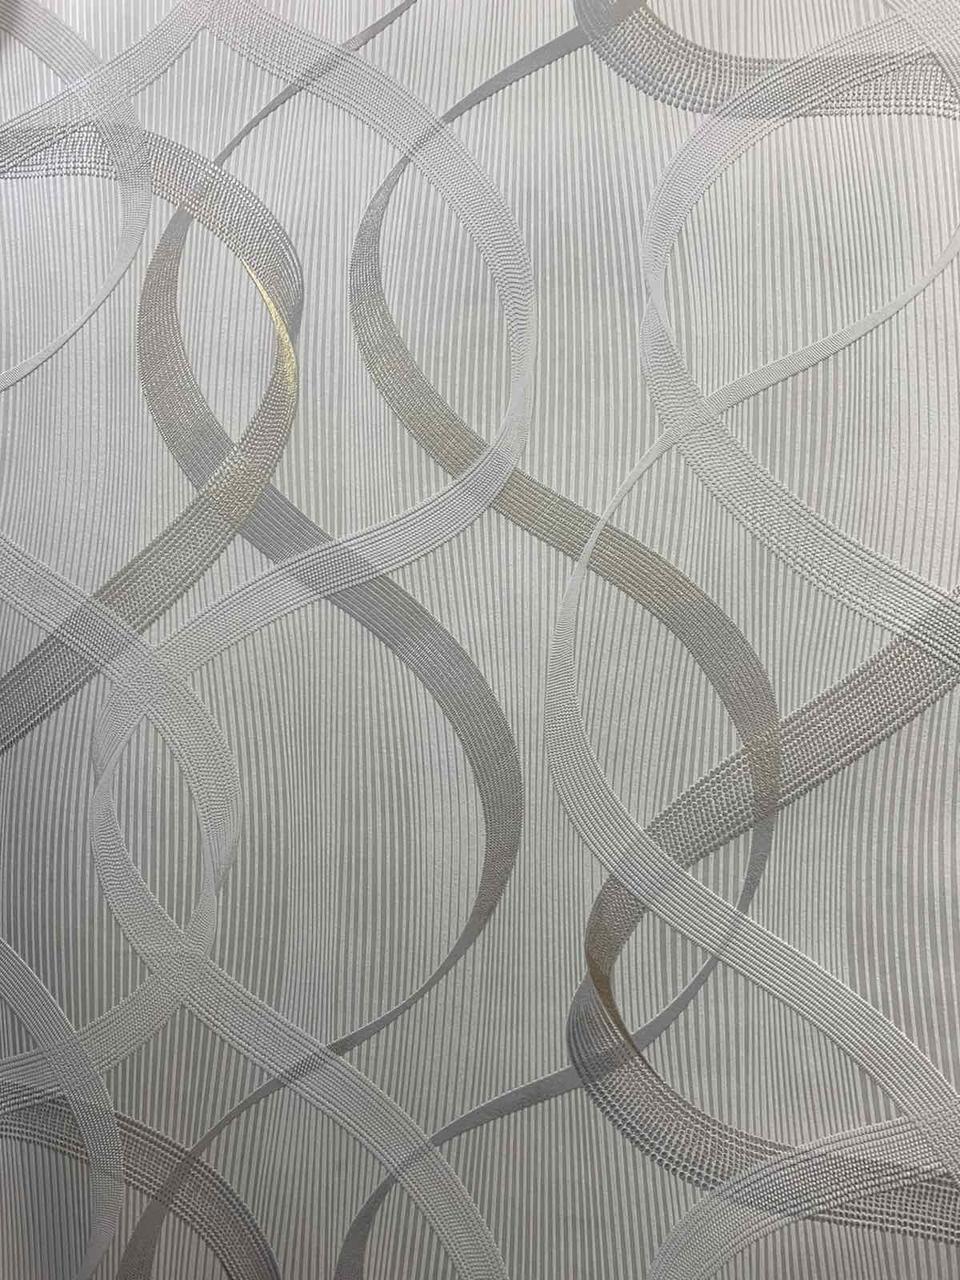 Обои на флизелиновой основе Винил Шлейф DXC 1458/1  1.06*10.05м